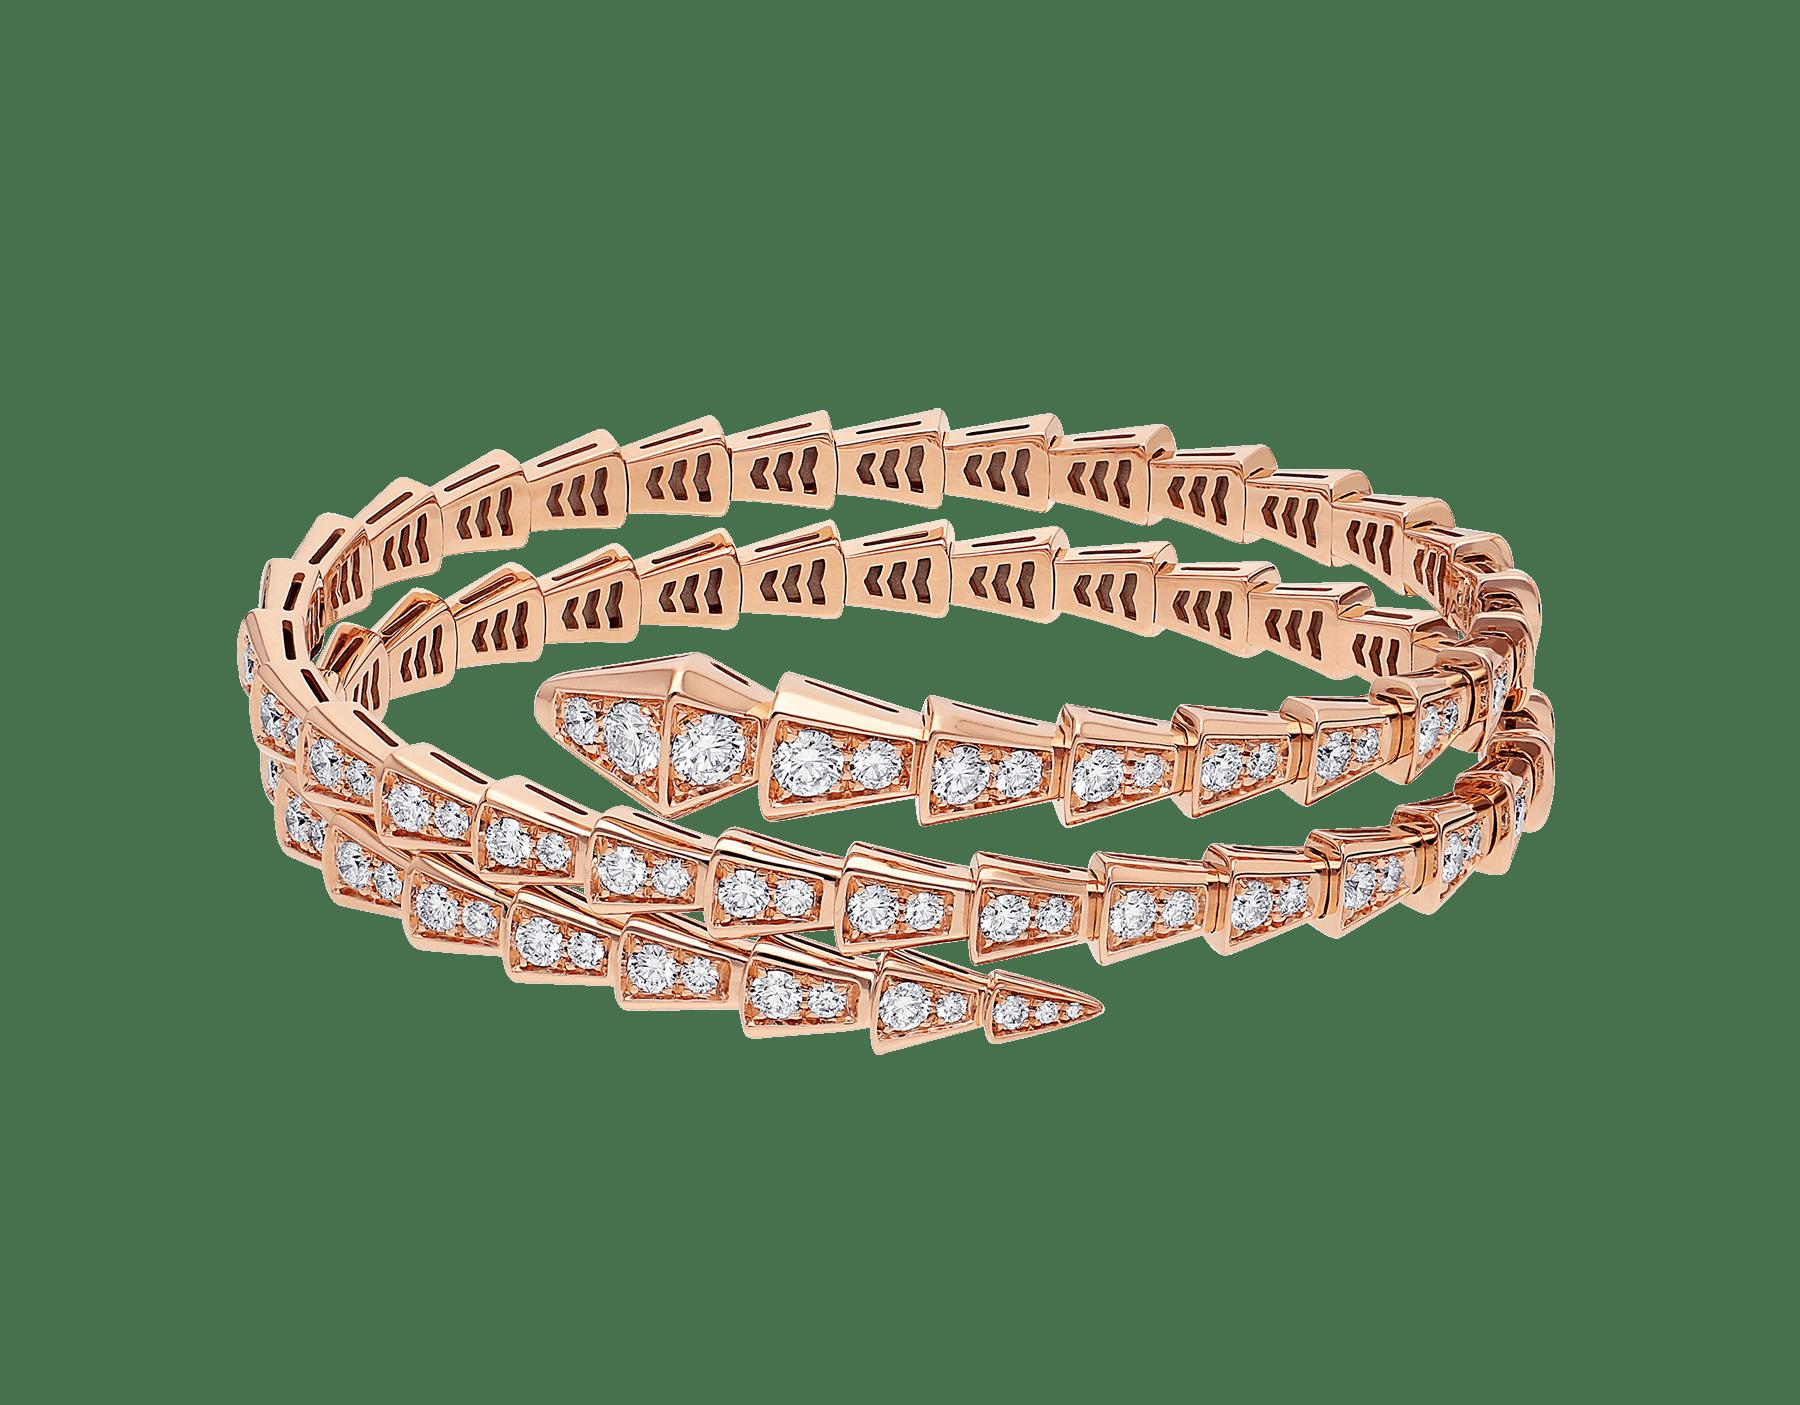 Bracciale Serpenti Viper a doppia spirale in oro rosa 18 kt con pavé di diamanti. BR858796 image 2